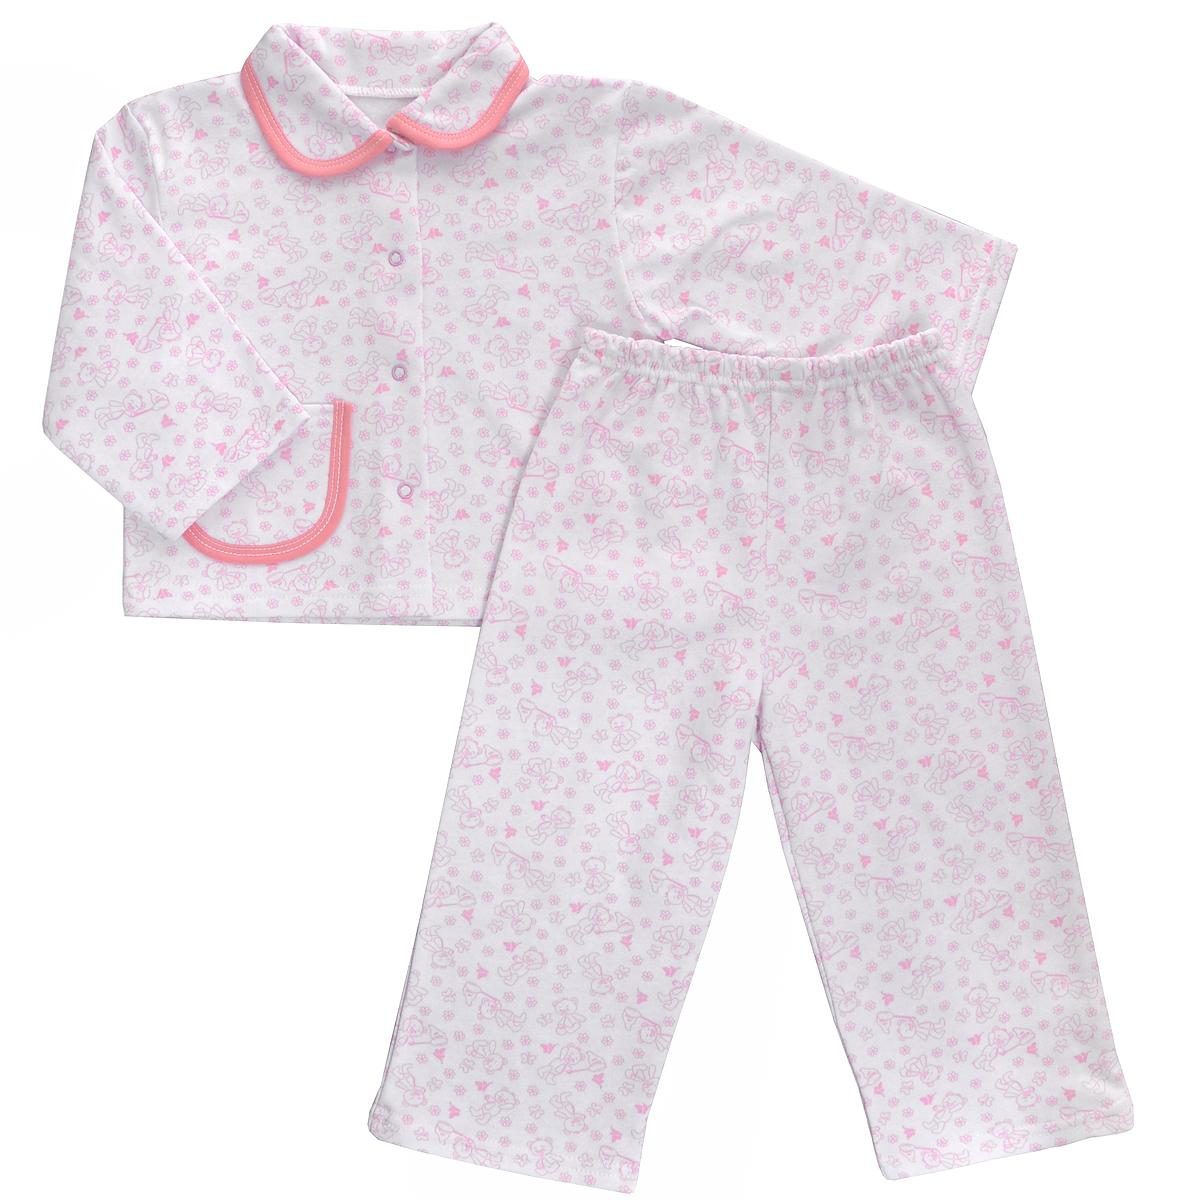 Пижама детская Трон-плюс, цвет: белый, розовый, рисунок мишки. 5552. Размер 98/104, 3-5 лет5552Яркая детская пижама Трон-плюс, состоящая из кофточки и штанишек, идеально подойдет вашему малышу и станет отличным дополнением к детскому гардеробу. Теплая пижама, изготовленная из набивного футера - натурального хлопка, необычайно мягкая и легкая, не сковывает движения ребенка, позволяет коже дышать и не раздражает даже самую нежную и чувствительную кожу малыша. Кофта с длинными рукавами имеет отложной воротничок и застегивается на кнопки, также оформлена небольшим накладным карманчиком. Штанишки на удобной резинке не сдавливают животик ребенка и не сползают.В такой пижаме ваш ребенок будет чувствовать себя комфортно и уютно во время сна.